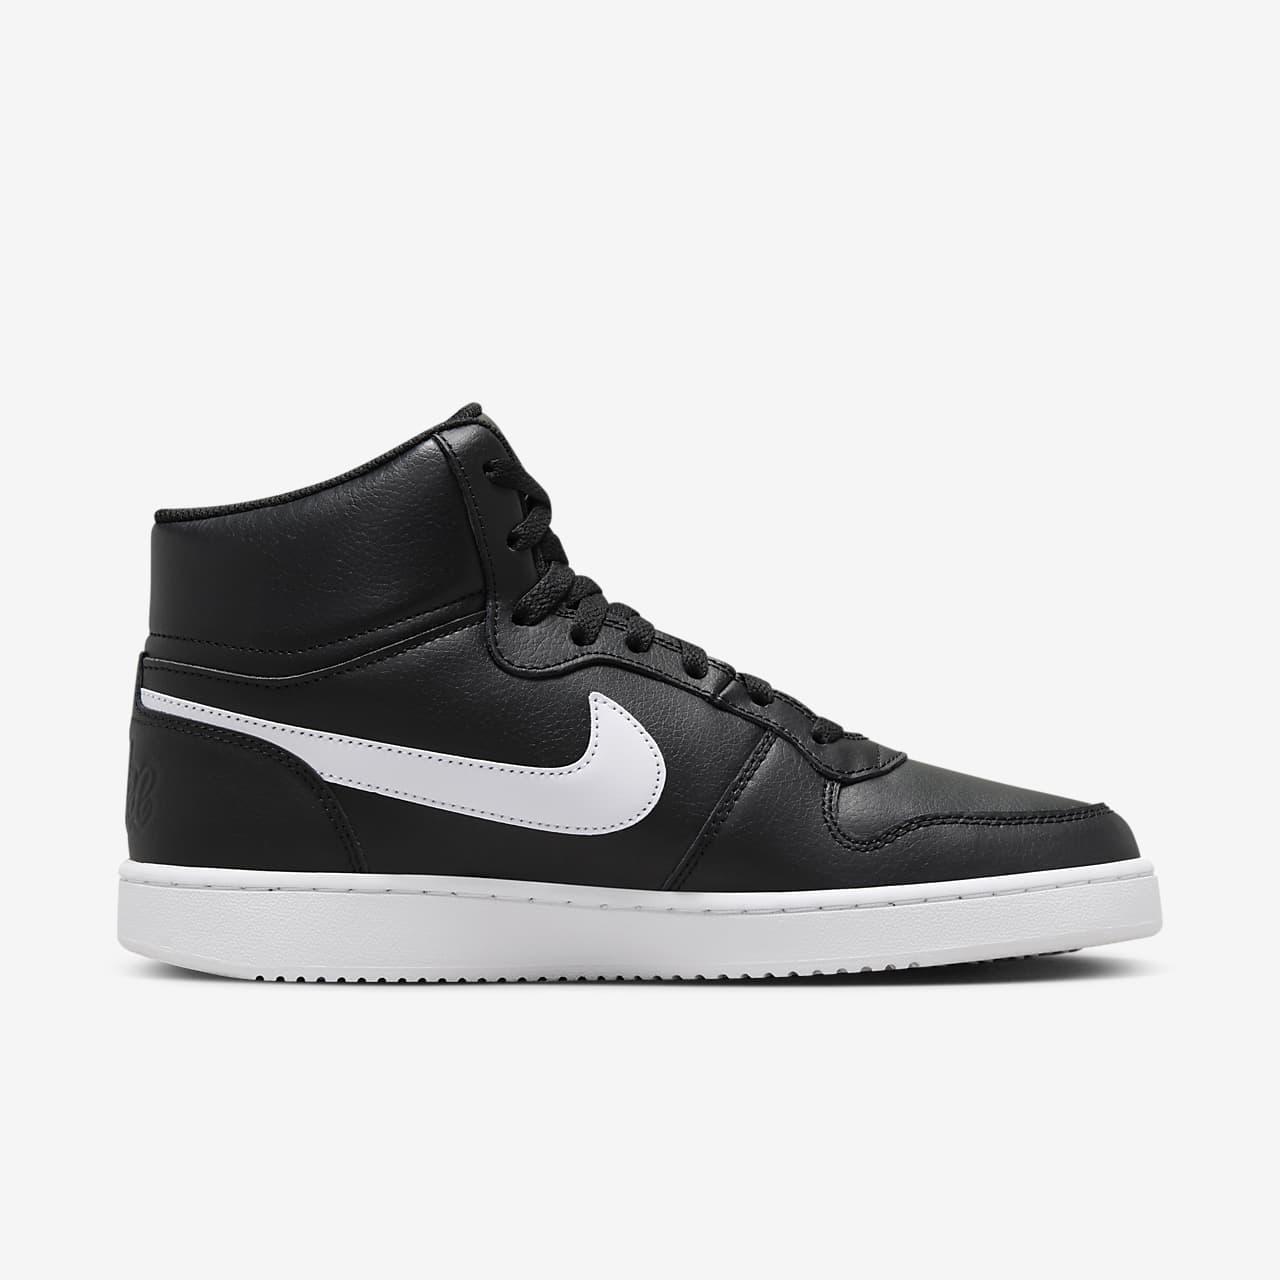 size 40 dbb22 46071 Nike Ebernon Mid